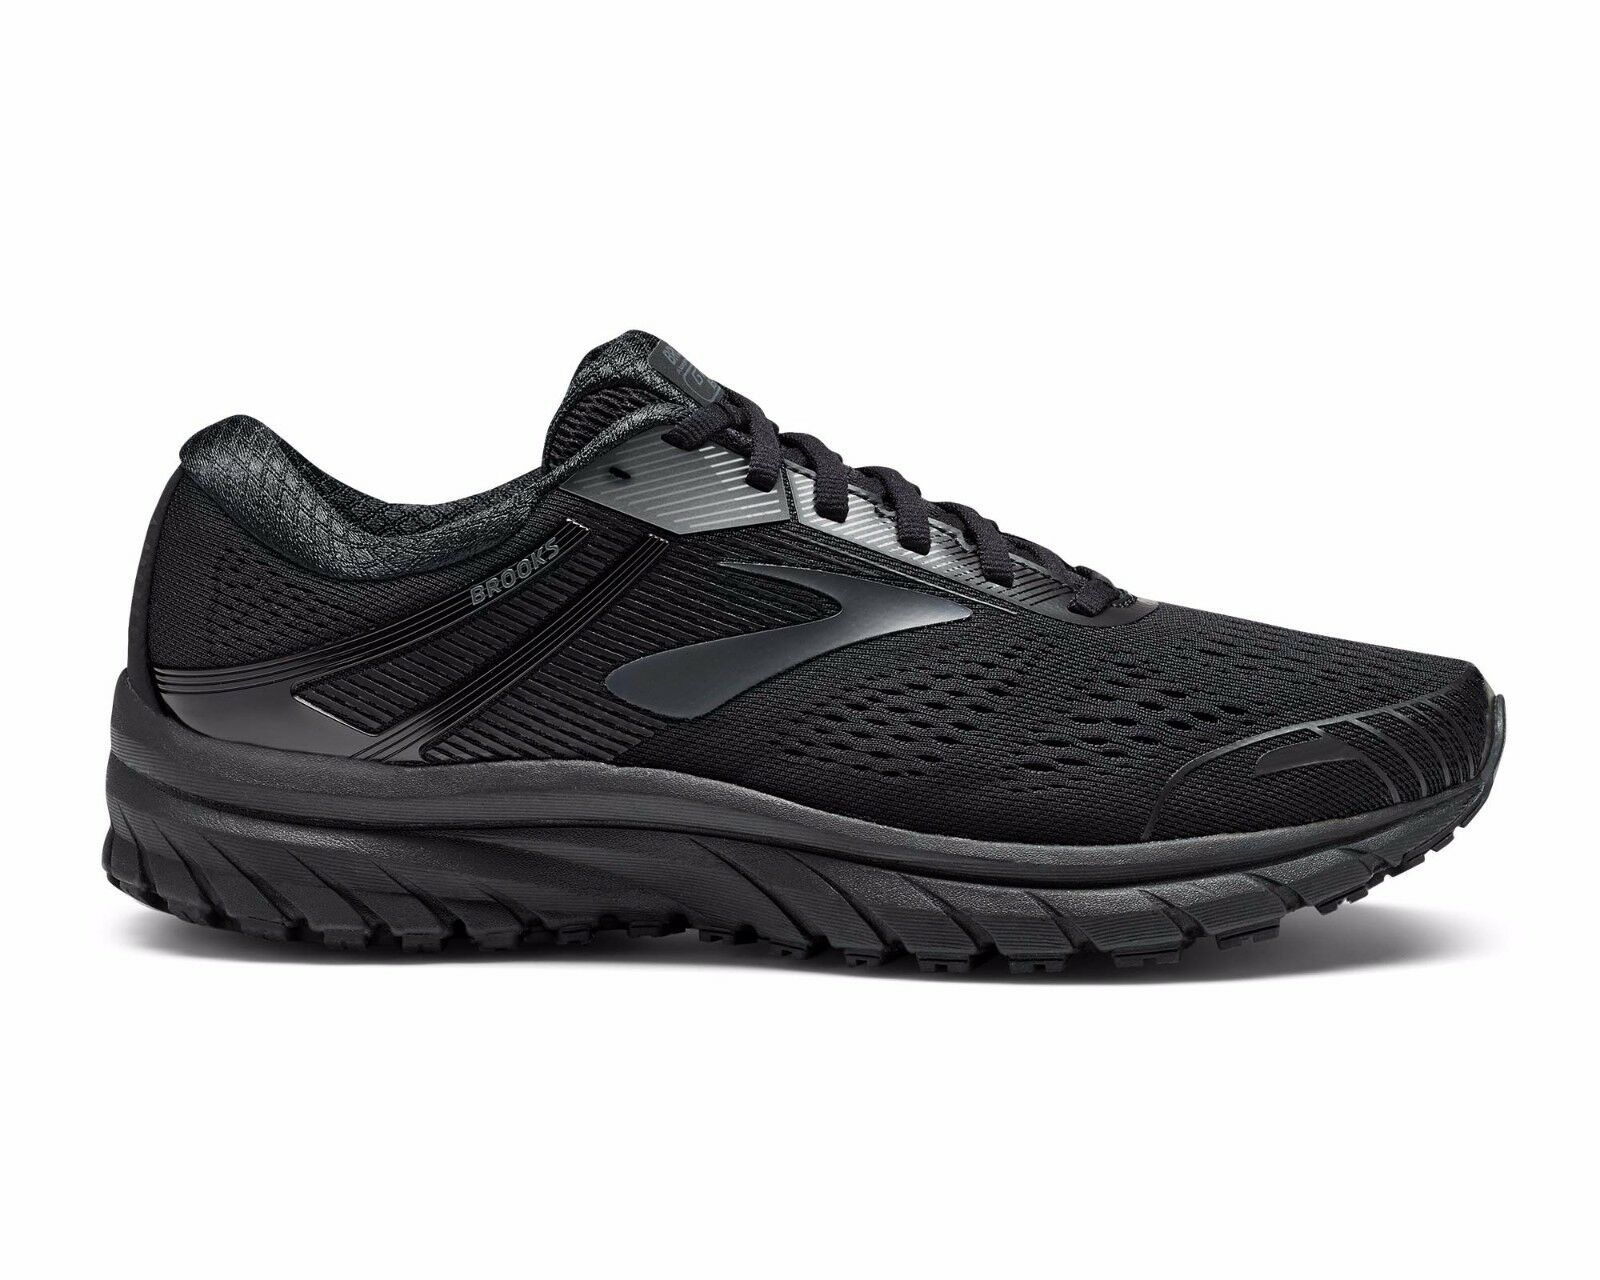 Brooks Adrenaline GTS 18 Mens Running shoes (D) (026)